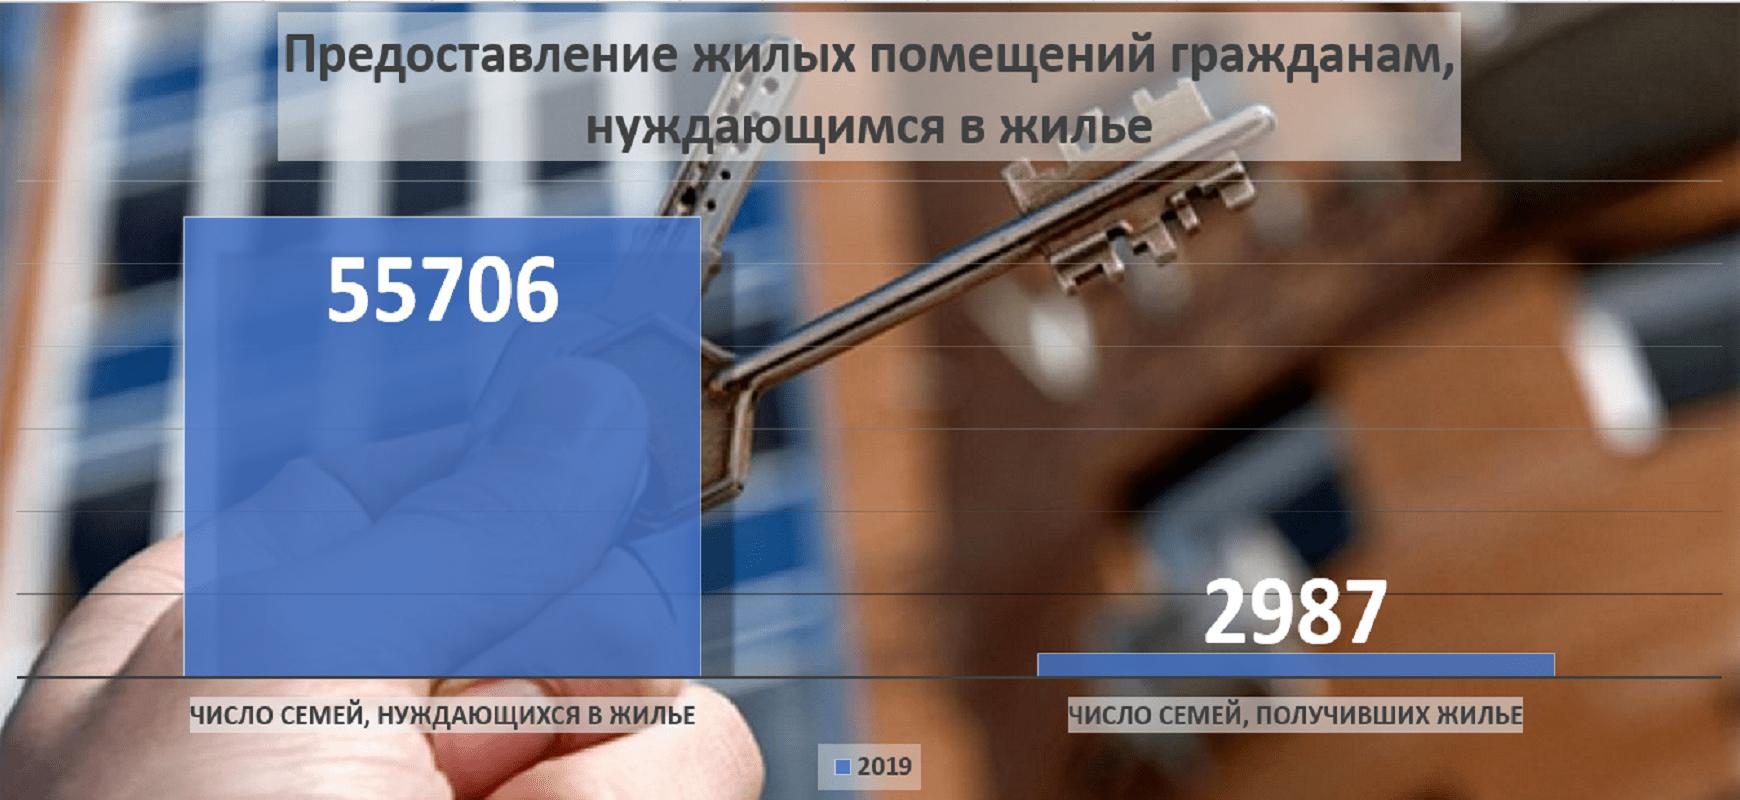 Жилье в Пермском крае получили 5% семей от числа нуждающихся